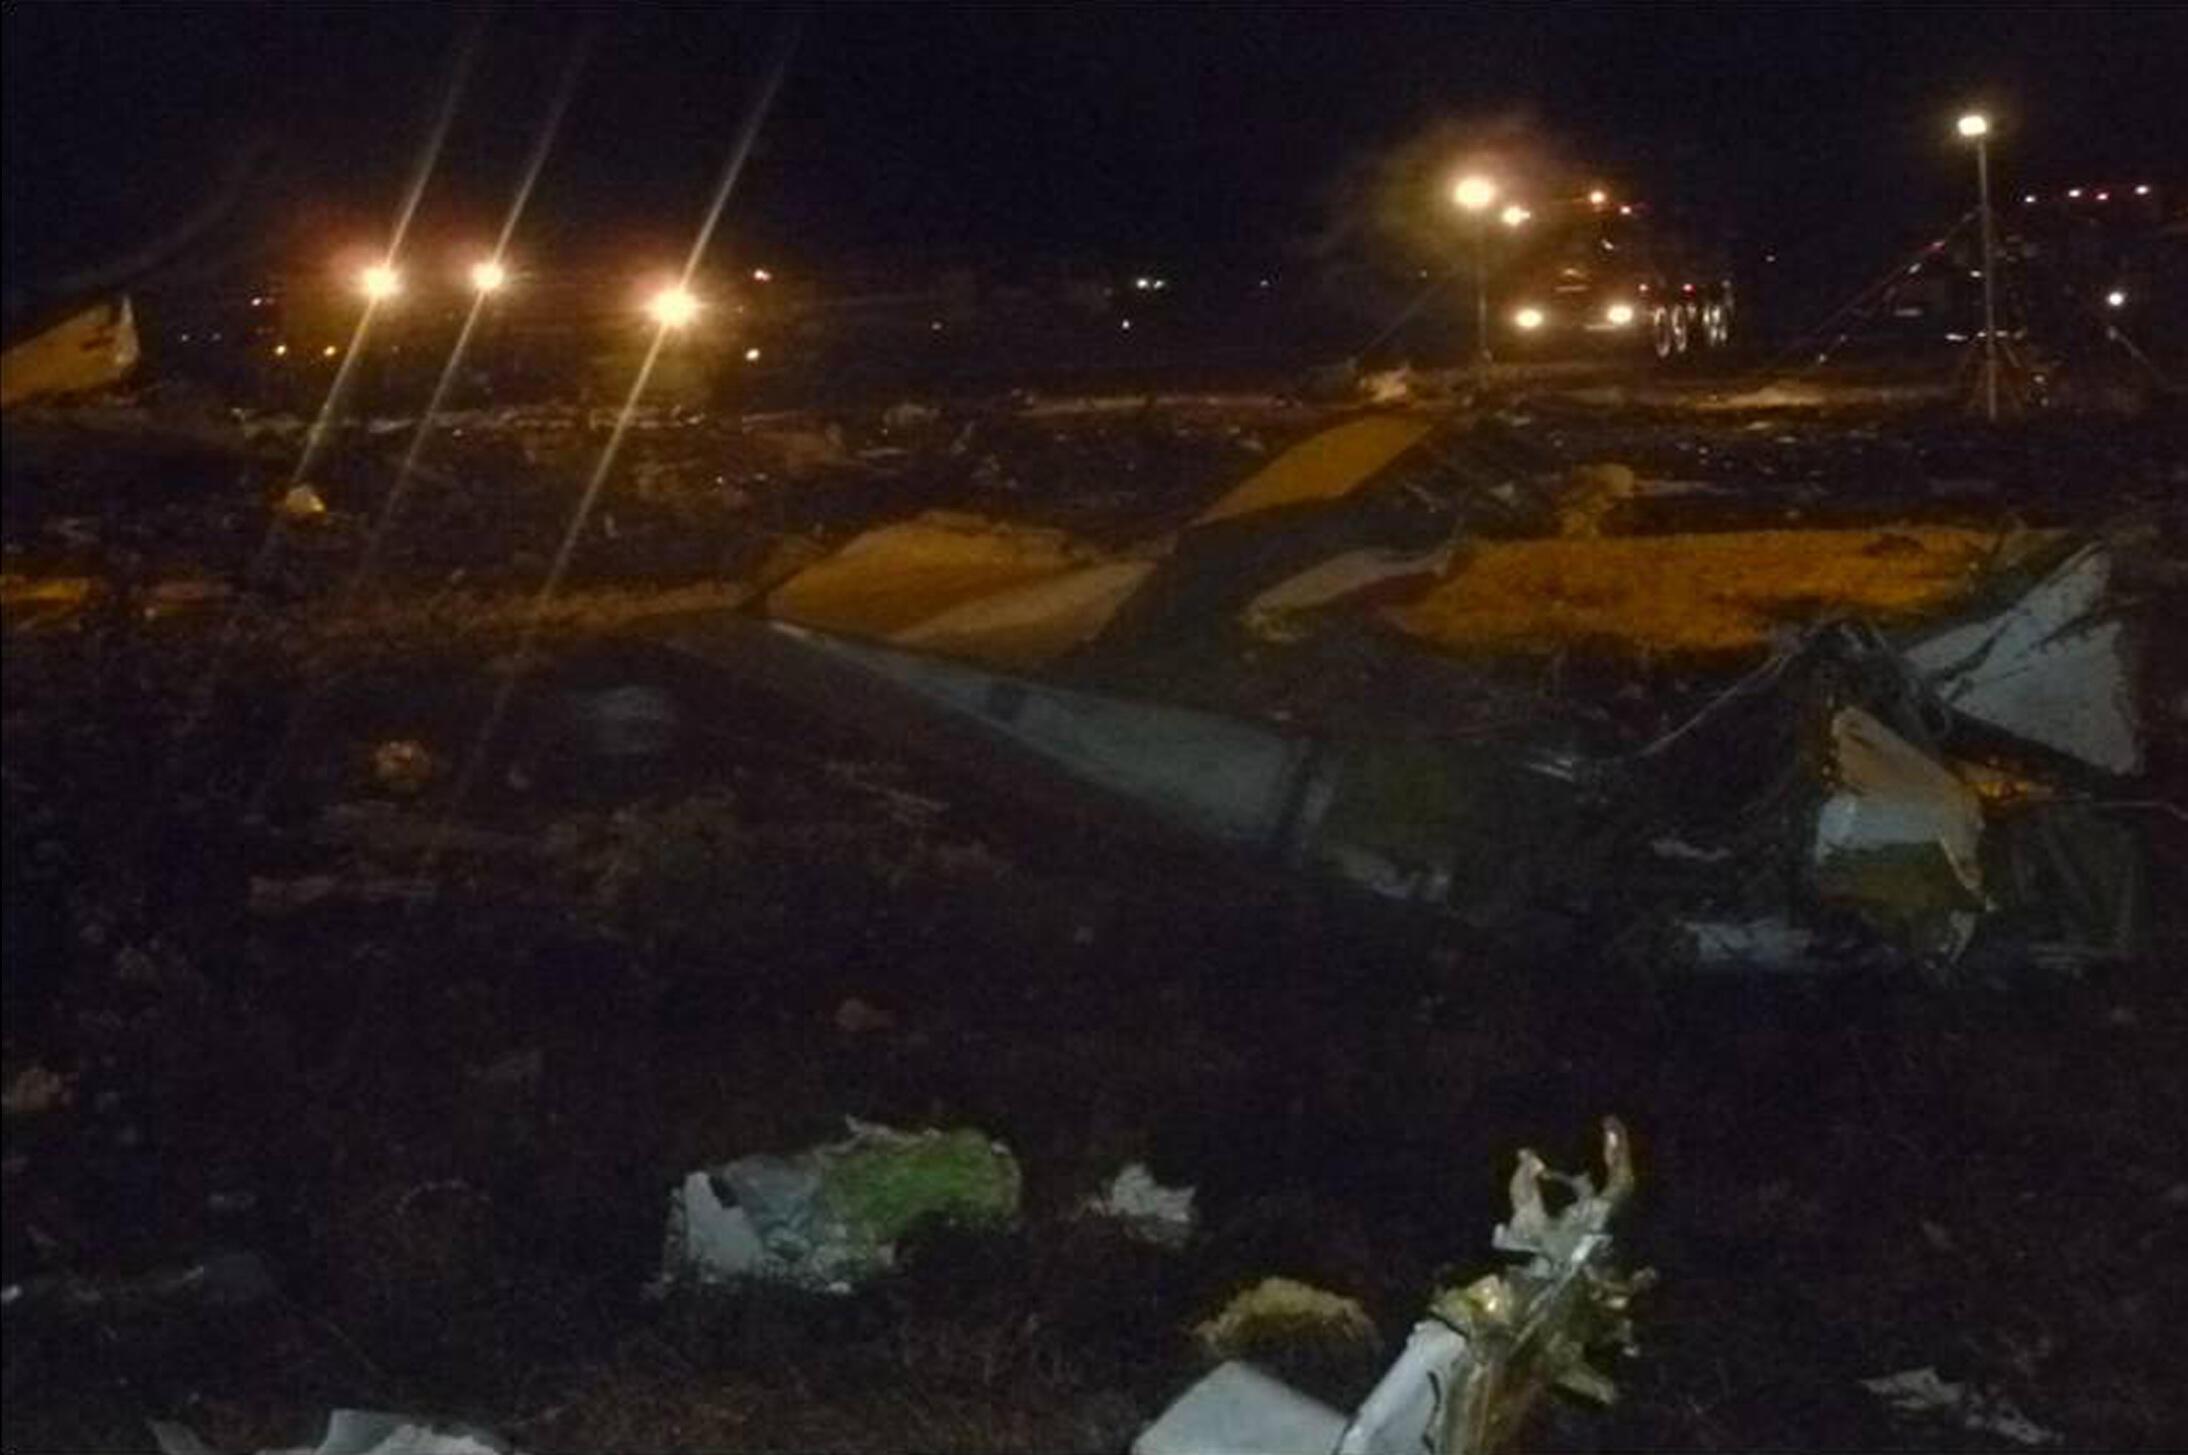 La carcasse du Boeing 737 de la Tatarstan Airlines sur l'aéroport de Kazan, au Tatarstan, le 17 novembre 2013.